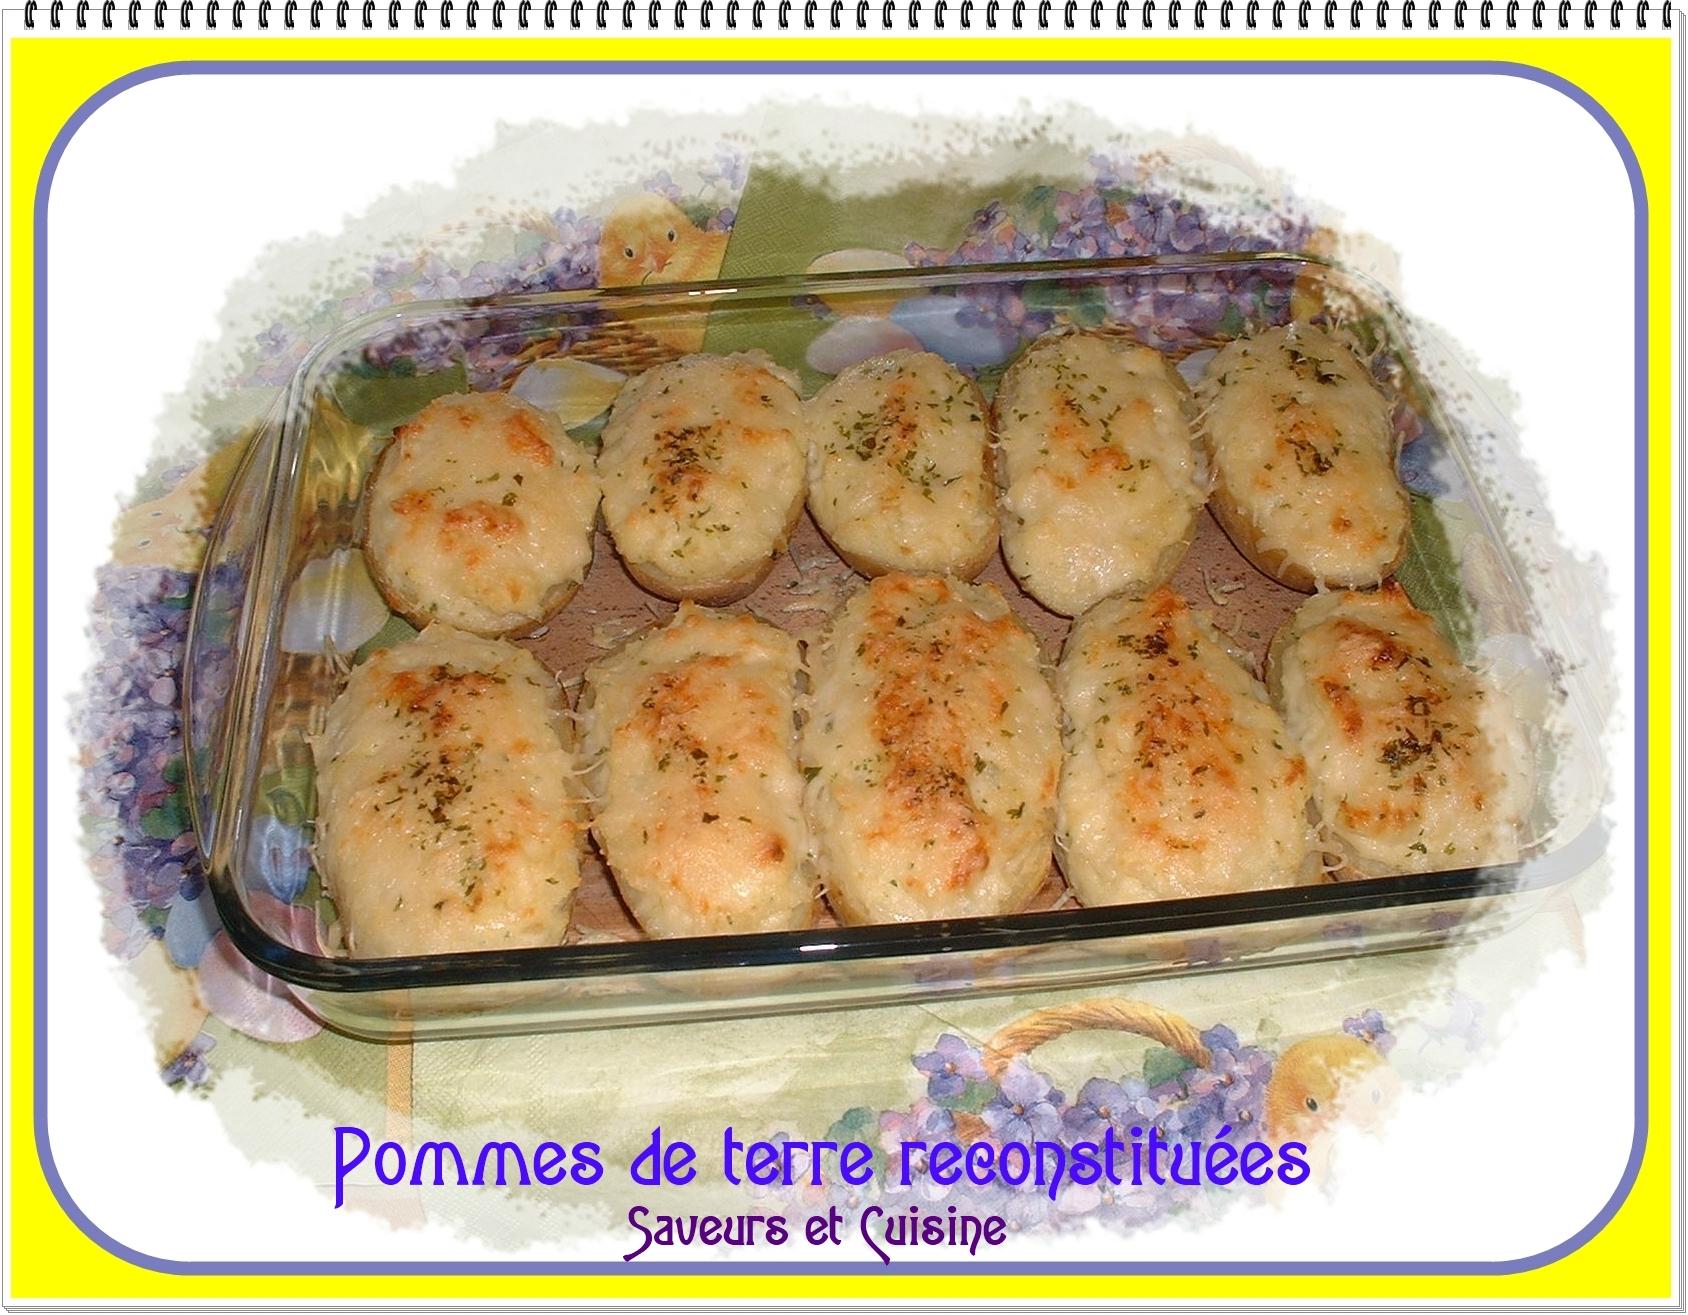 Pommes de terre au four reconstituées